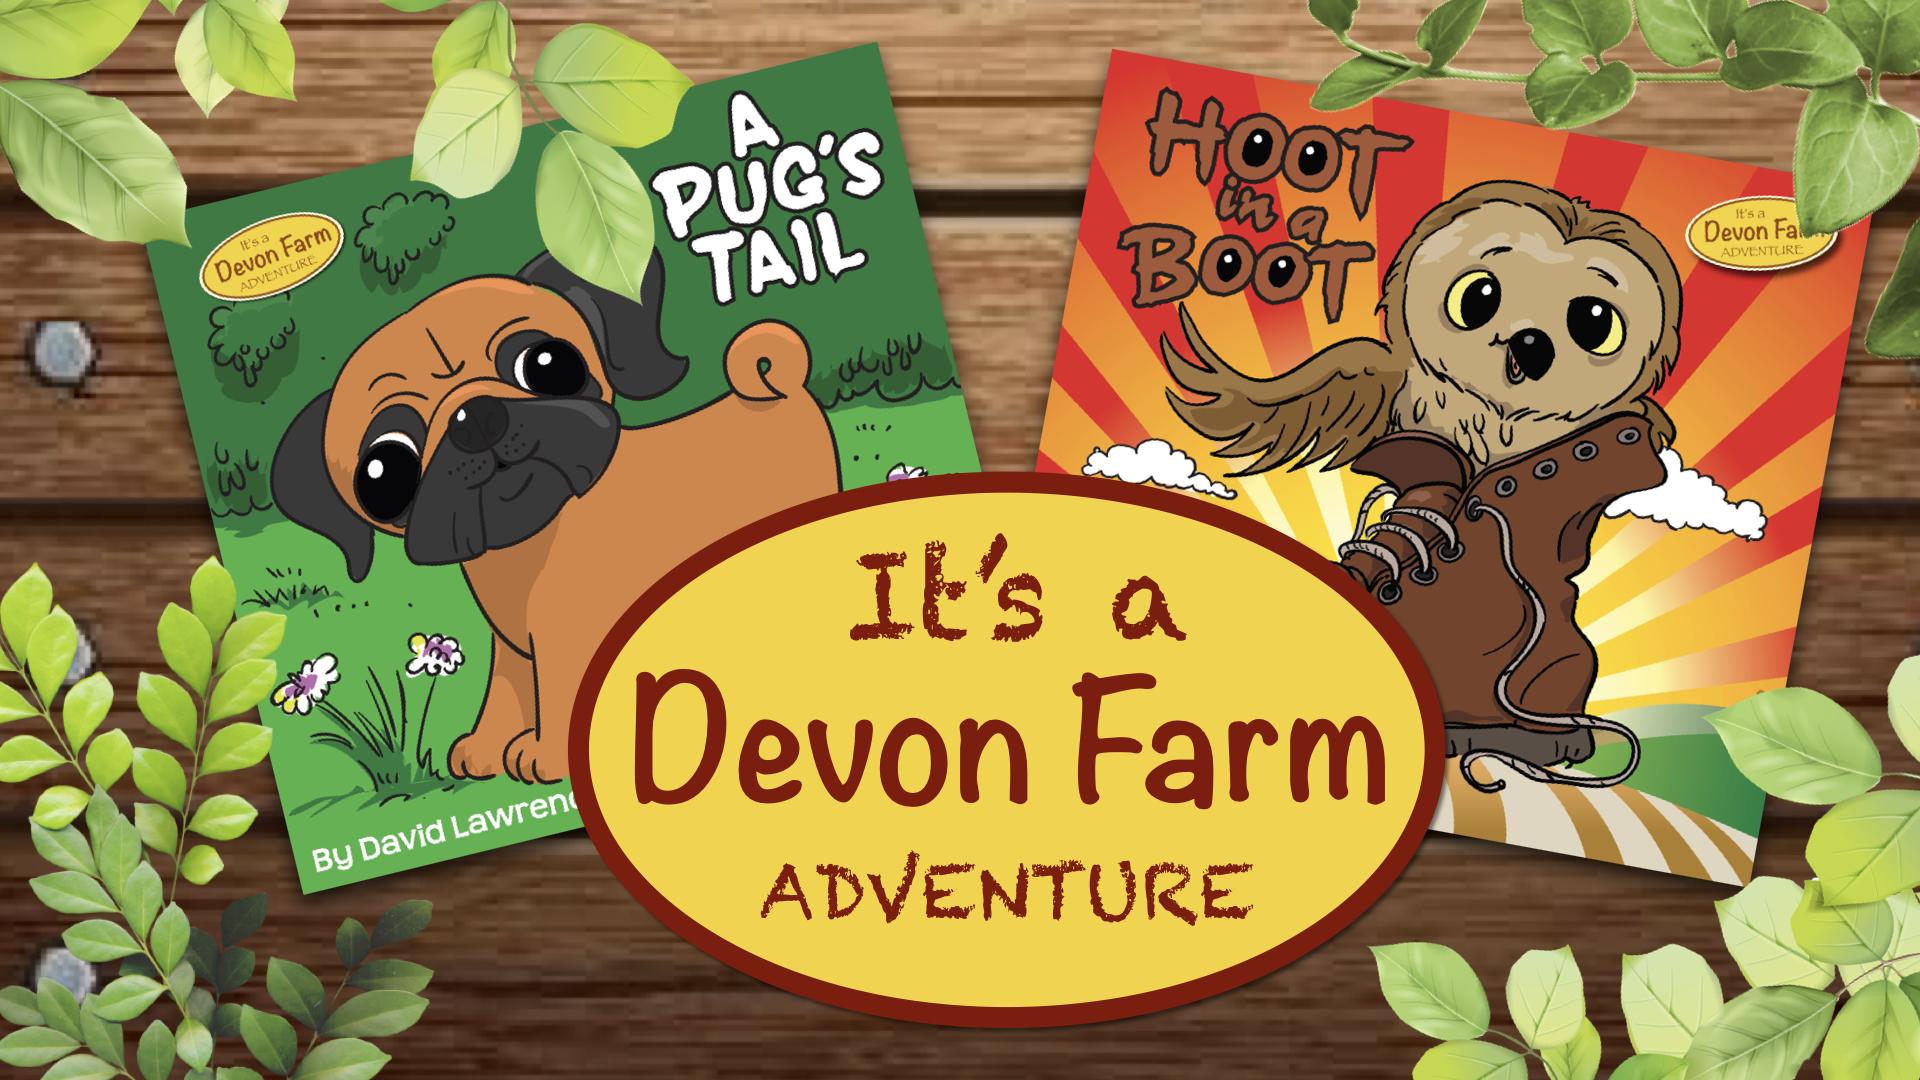 Devon Farm Adventures